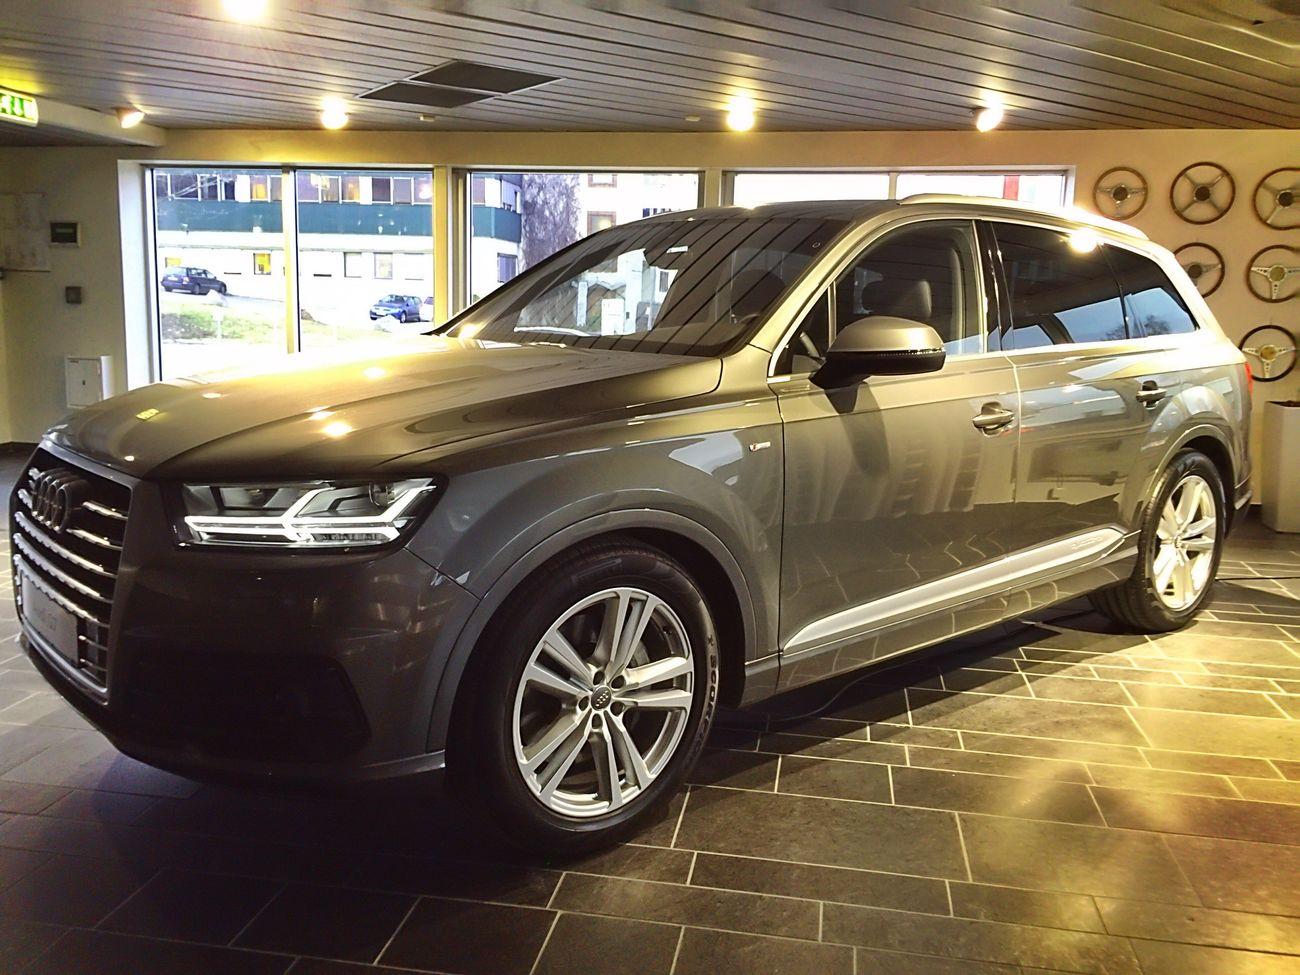 Audi Q7 Møller Gruppen Oslo Iphone6 Audi